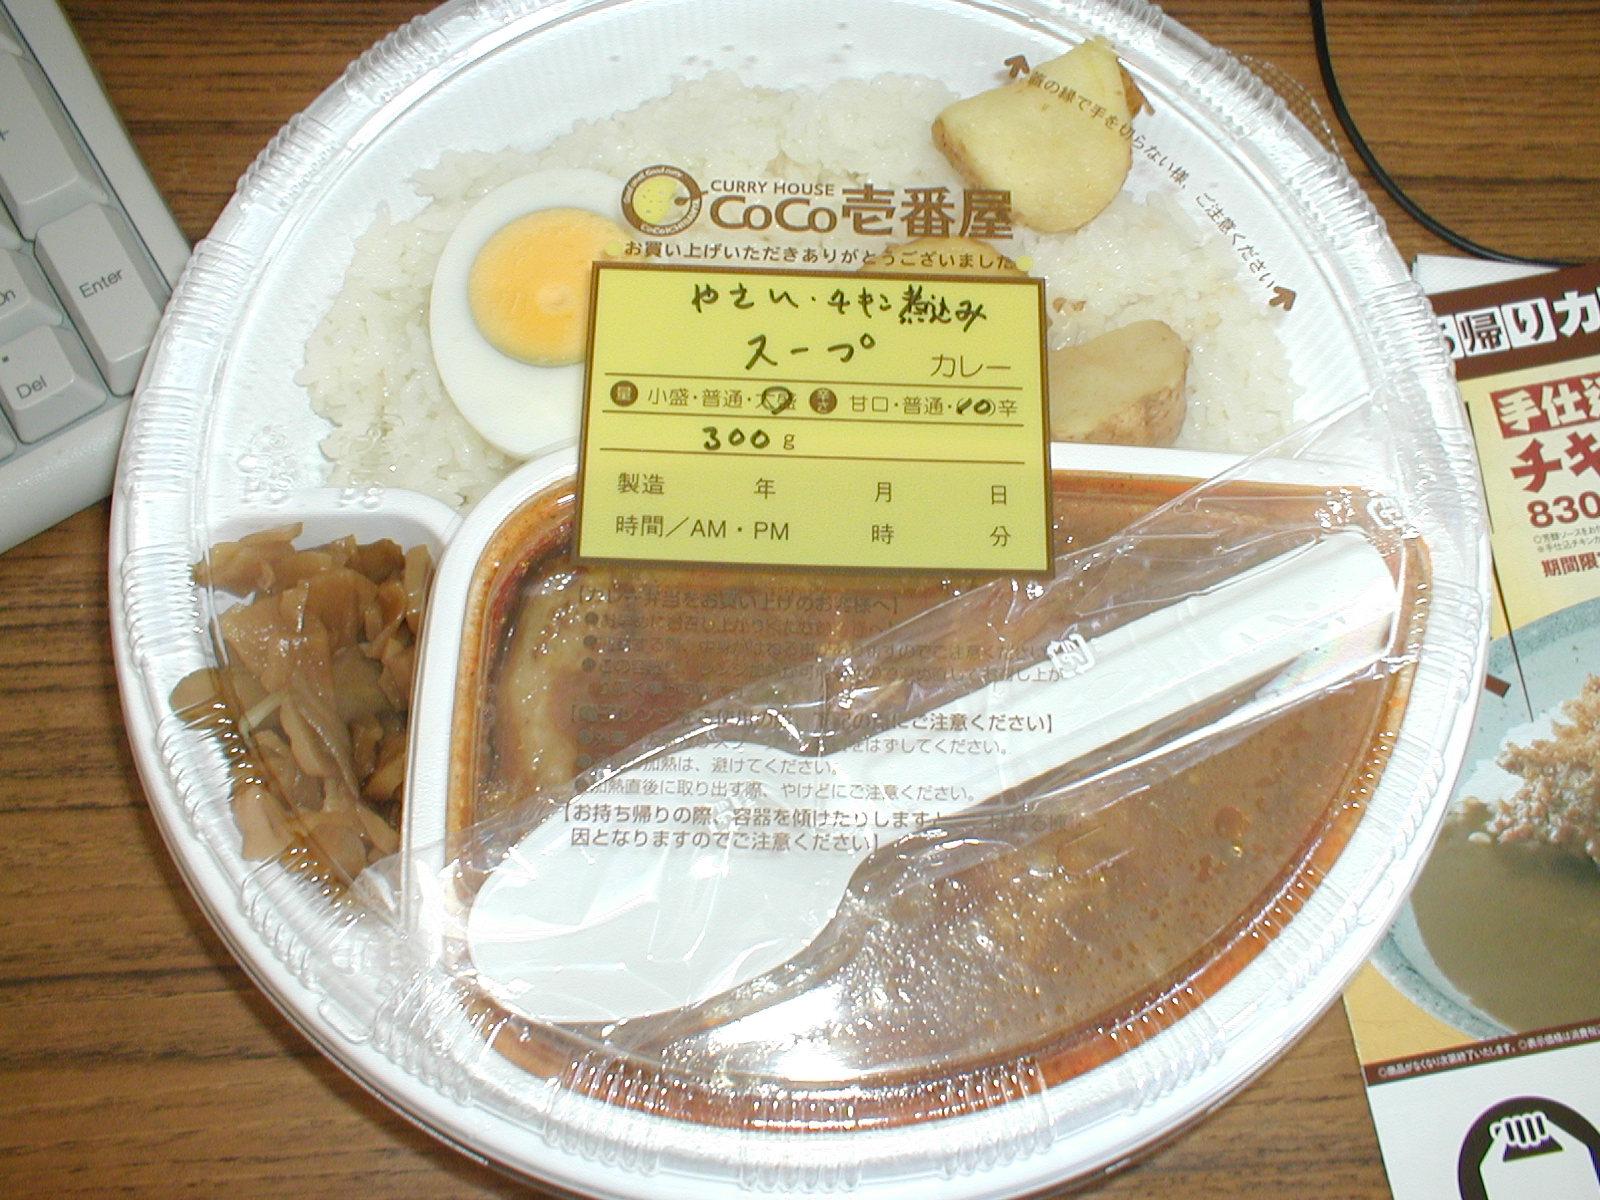 カレーハウスCoCo壱番屋 北見国道39号店